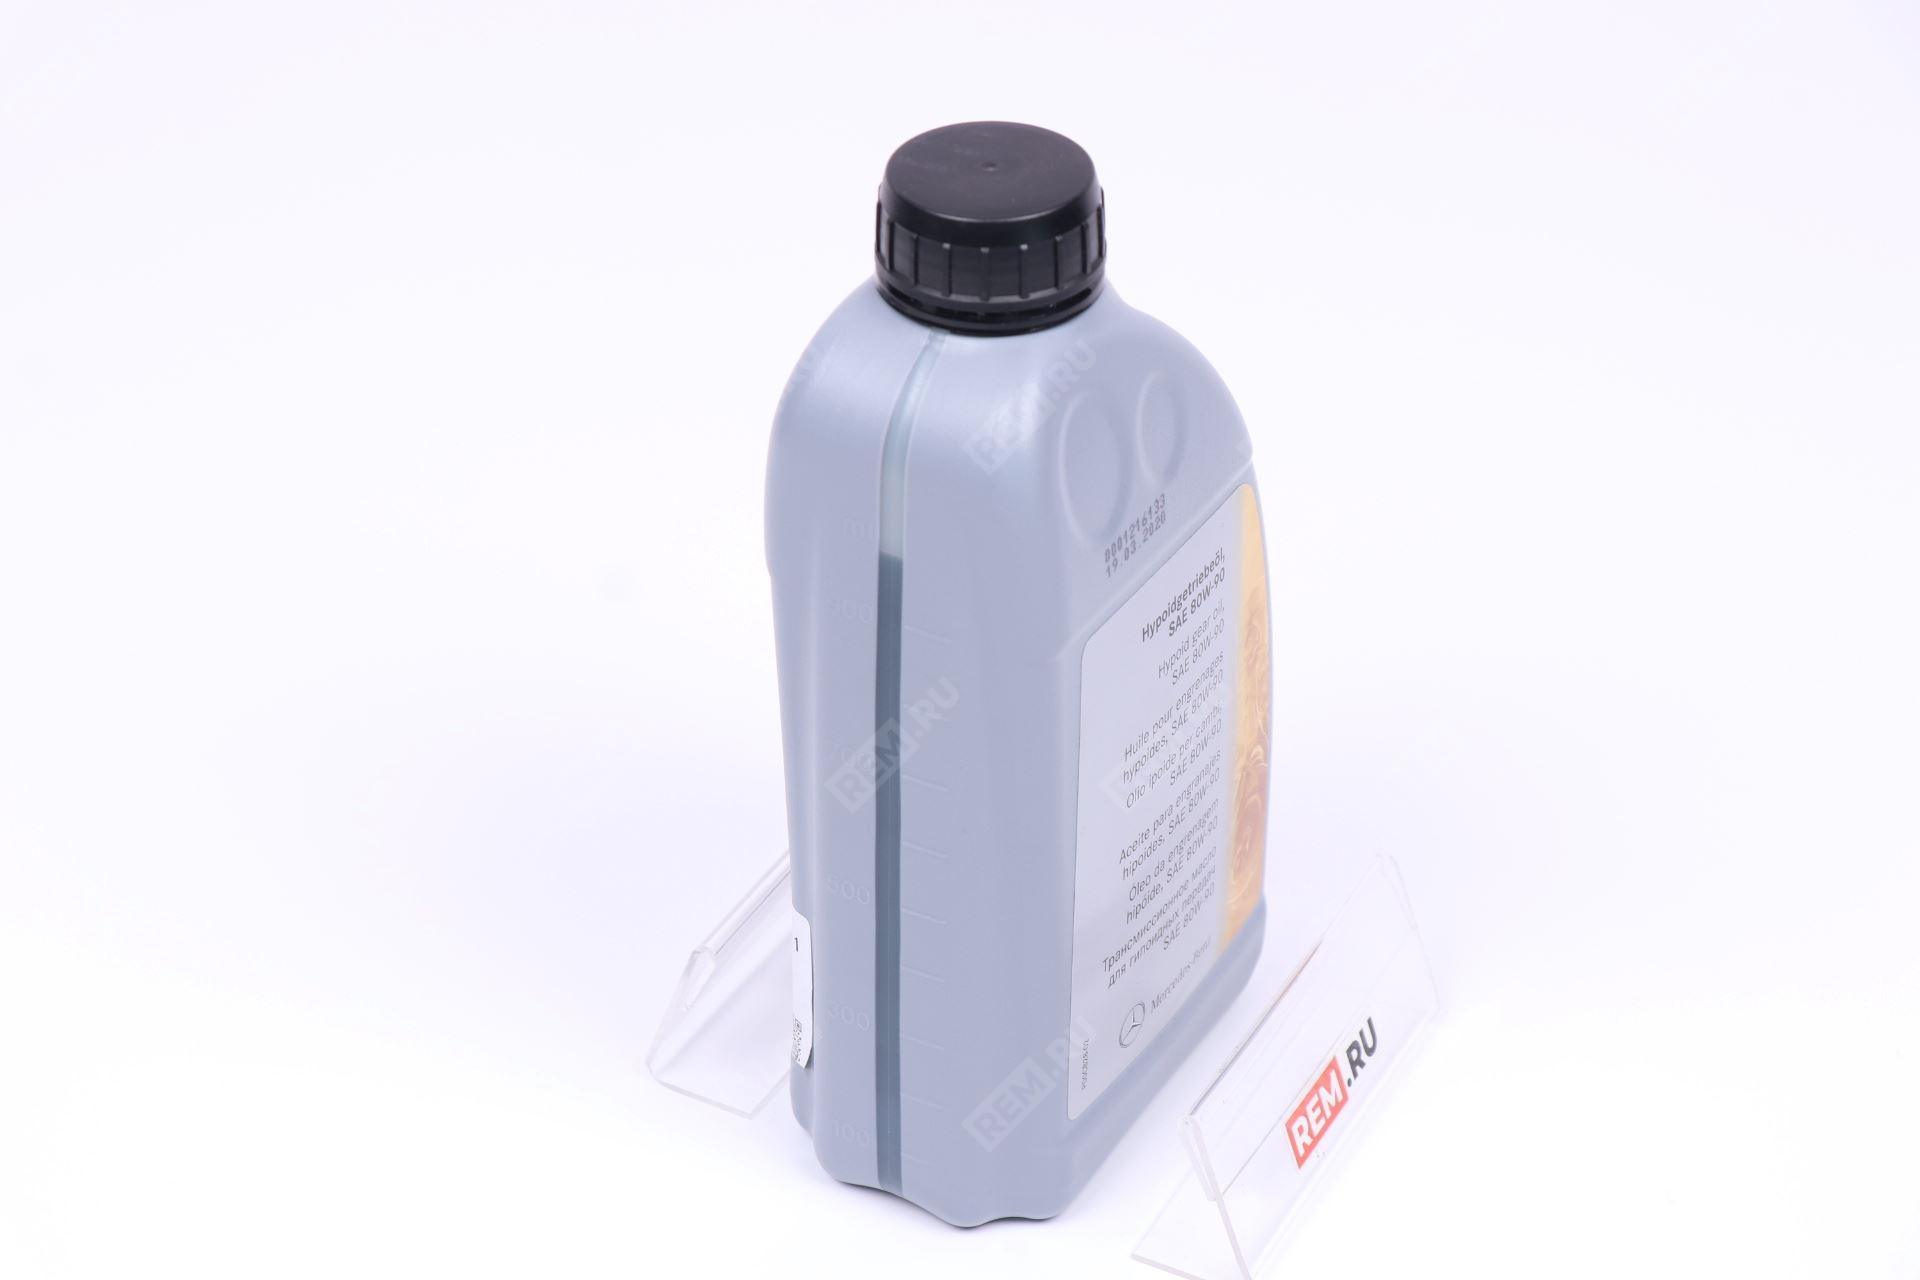 A001989580309  масло трансмиссионное mercedes 80w-90, 1л (фото 4)